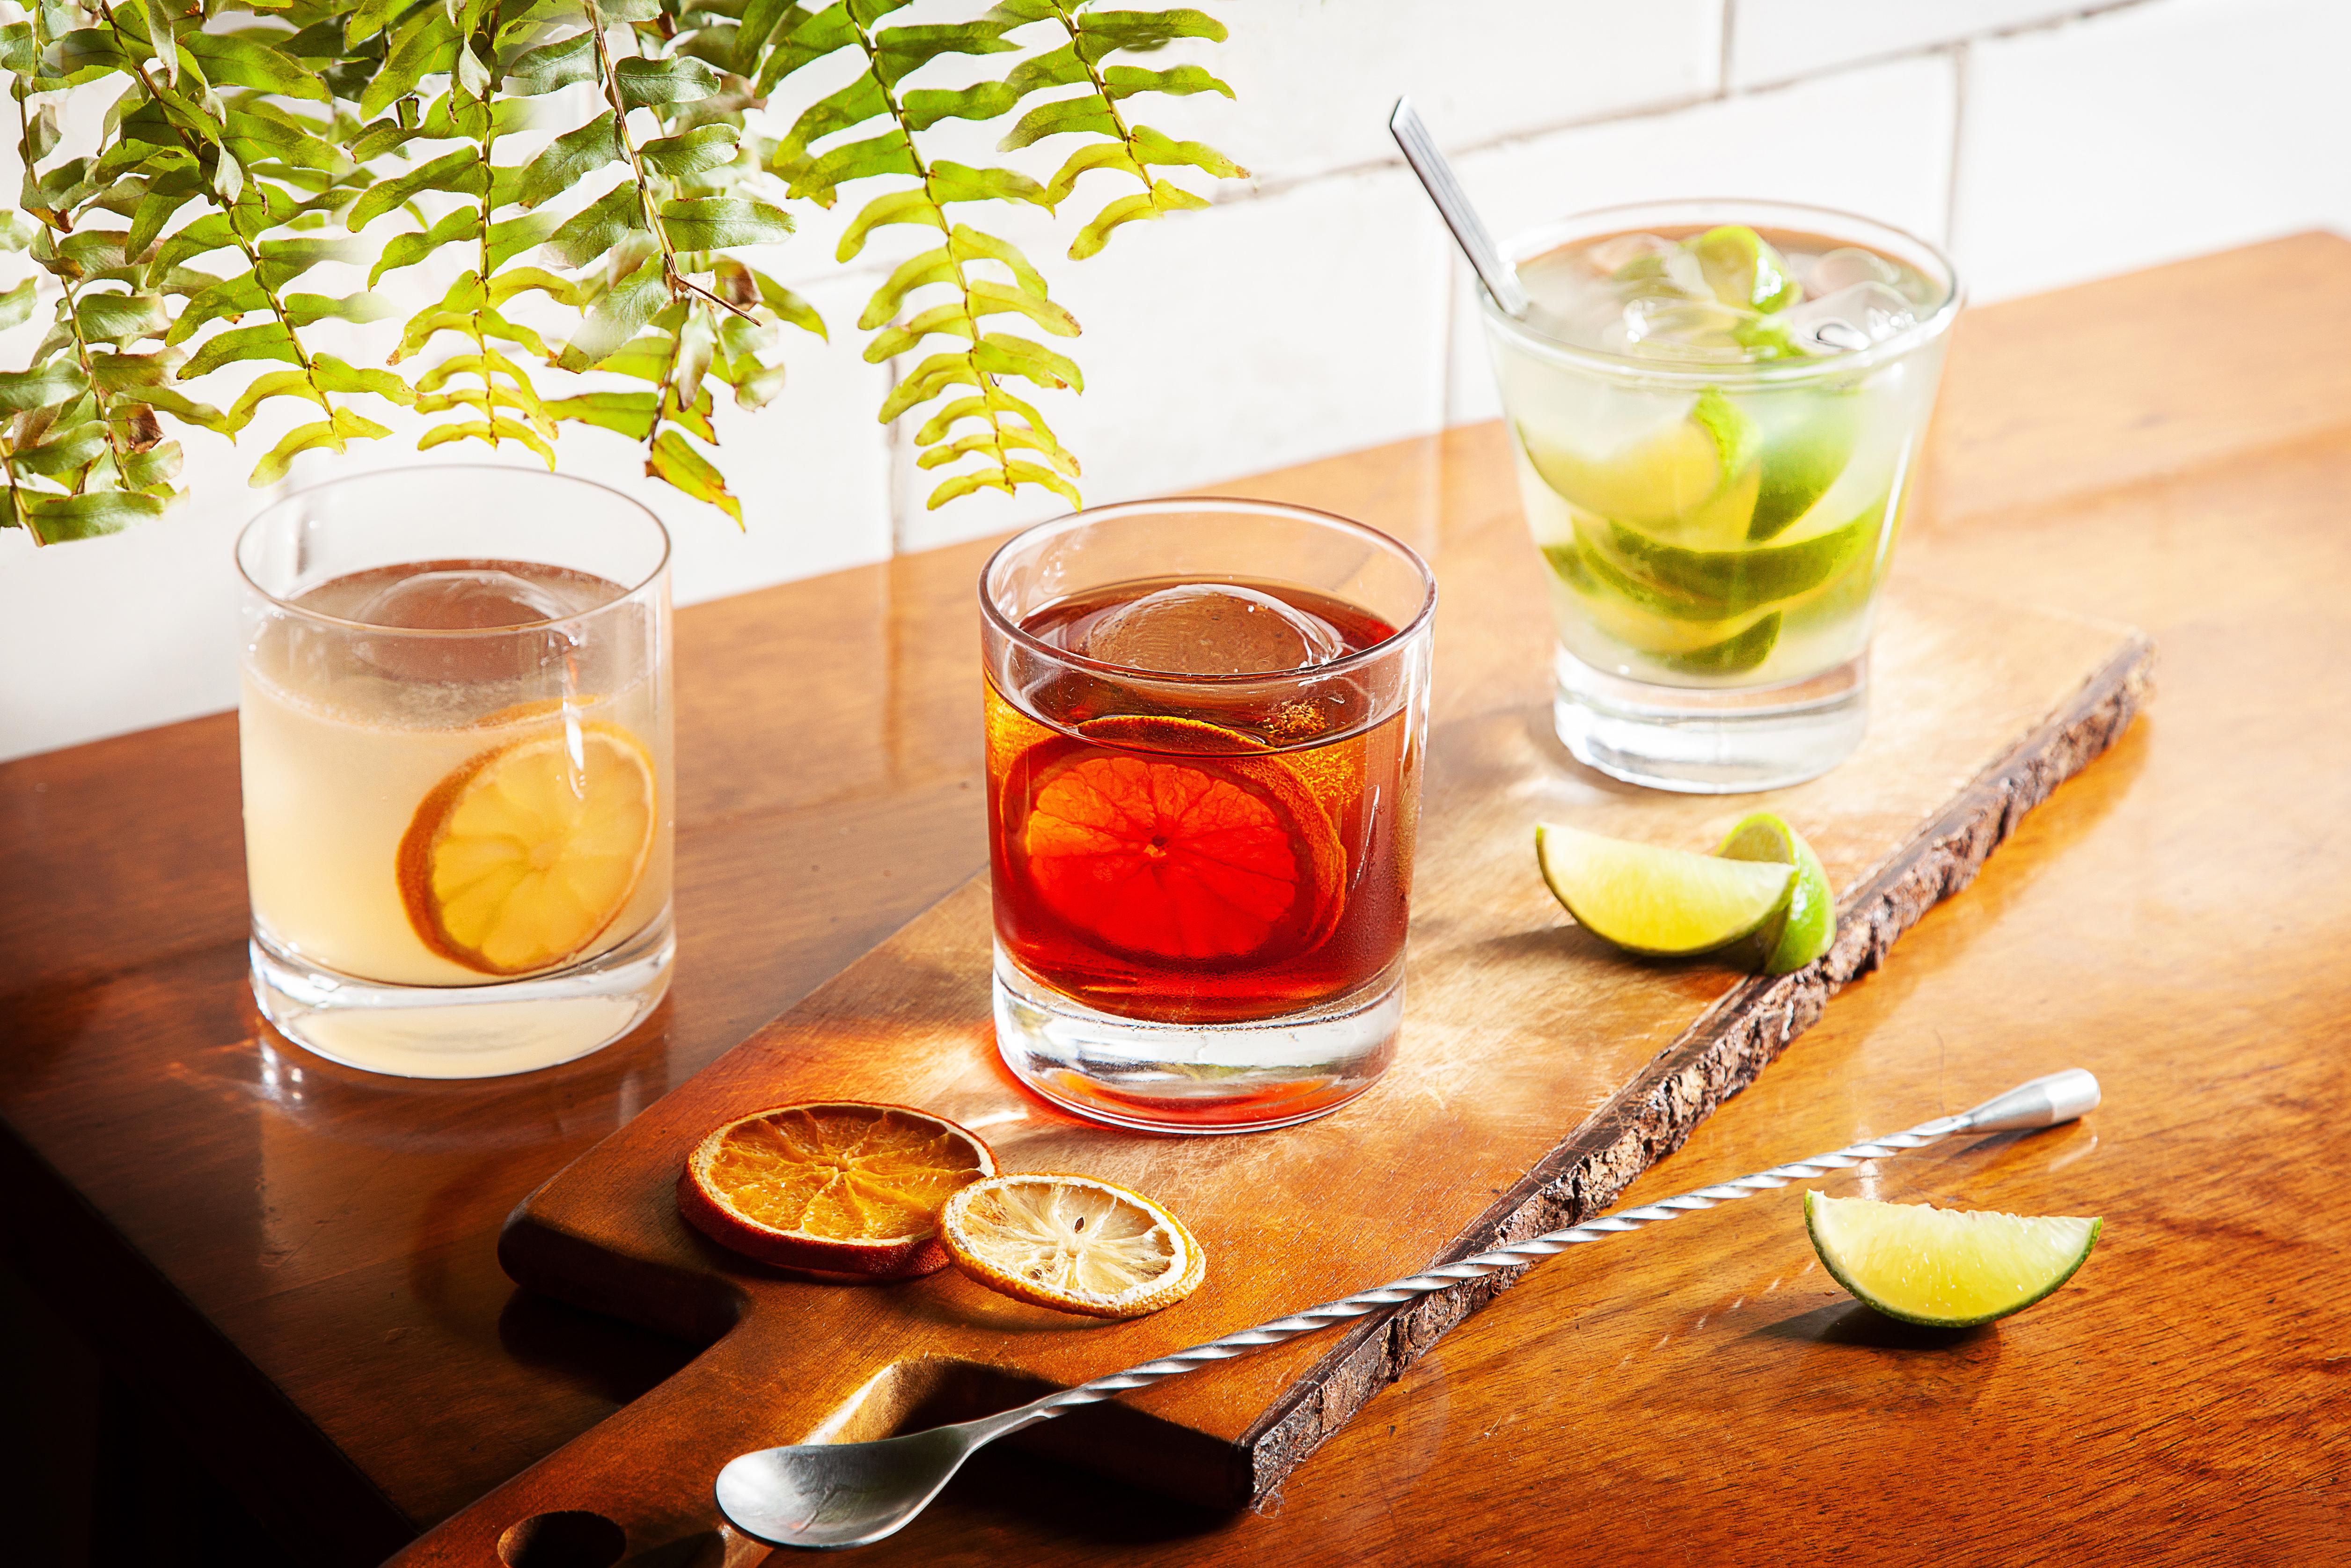 Três copos de drinques, um boulevardier, uma caipirinha e um fitzgerald sobre tábua em cima de mesa de madeira.